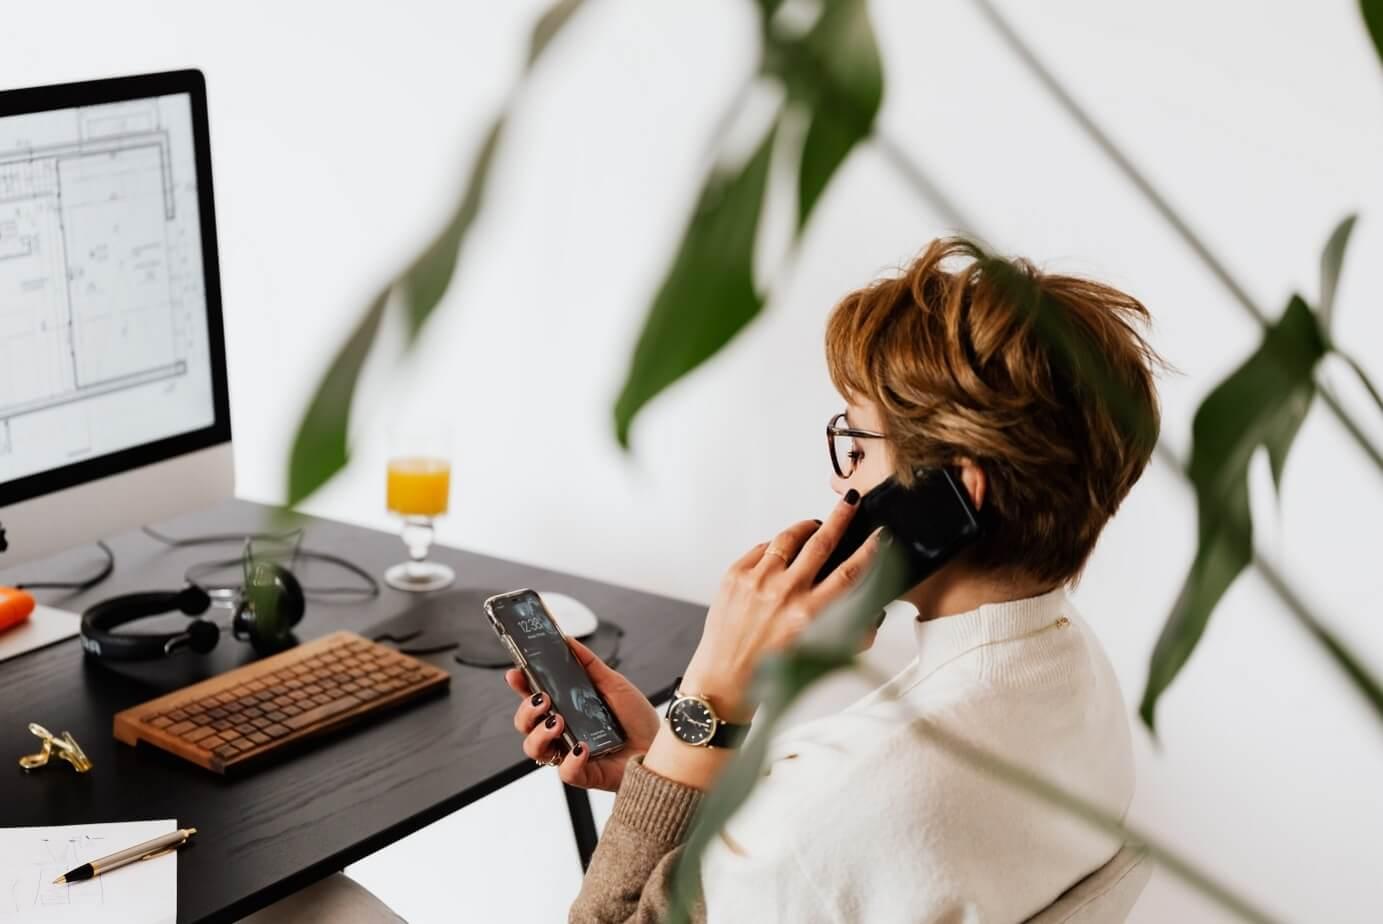 kobieta korzystająca z dwóch telefonów i komputera jednocześnie